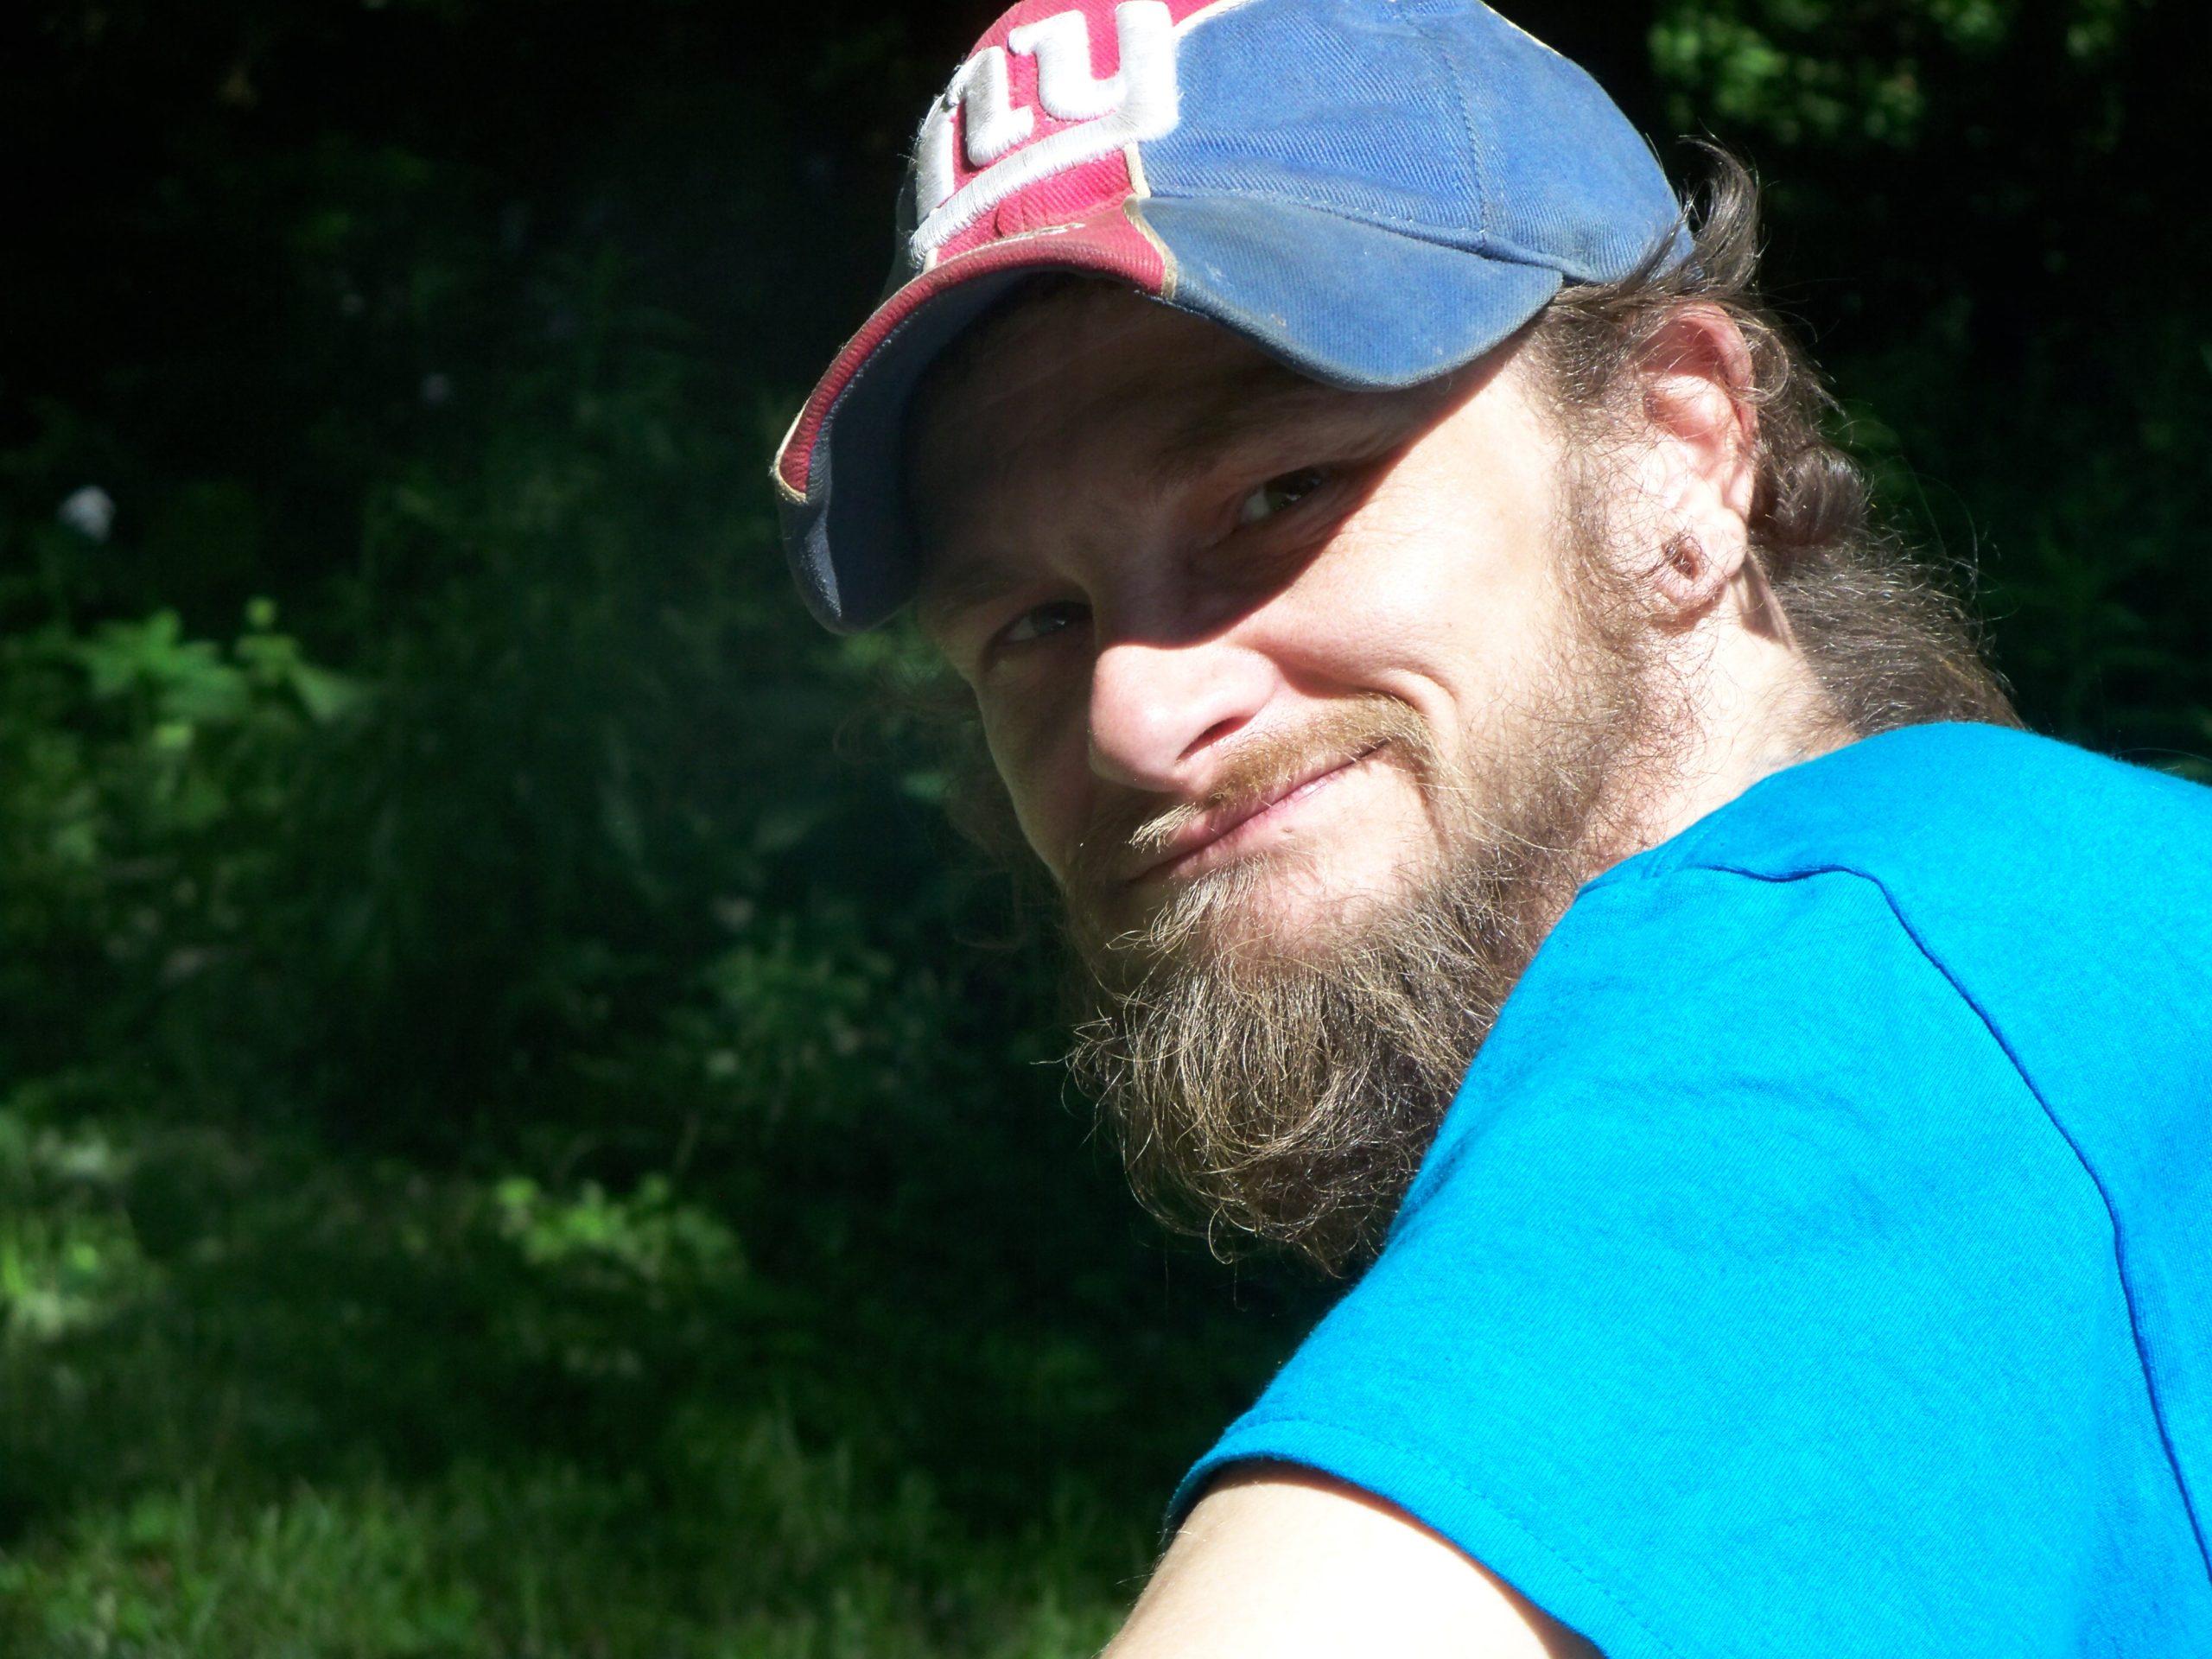 Schuyler man died from puncture wound to chest, lungs; investigation underway